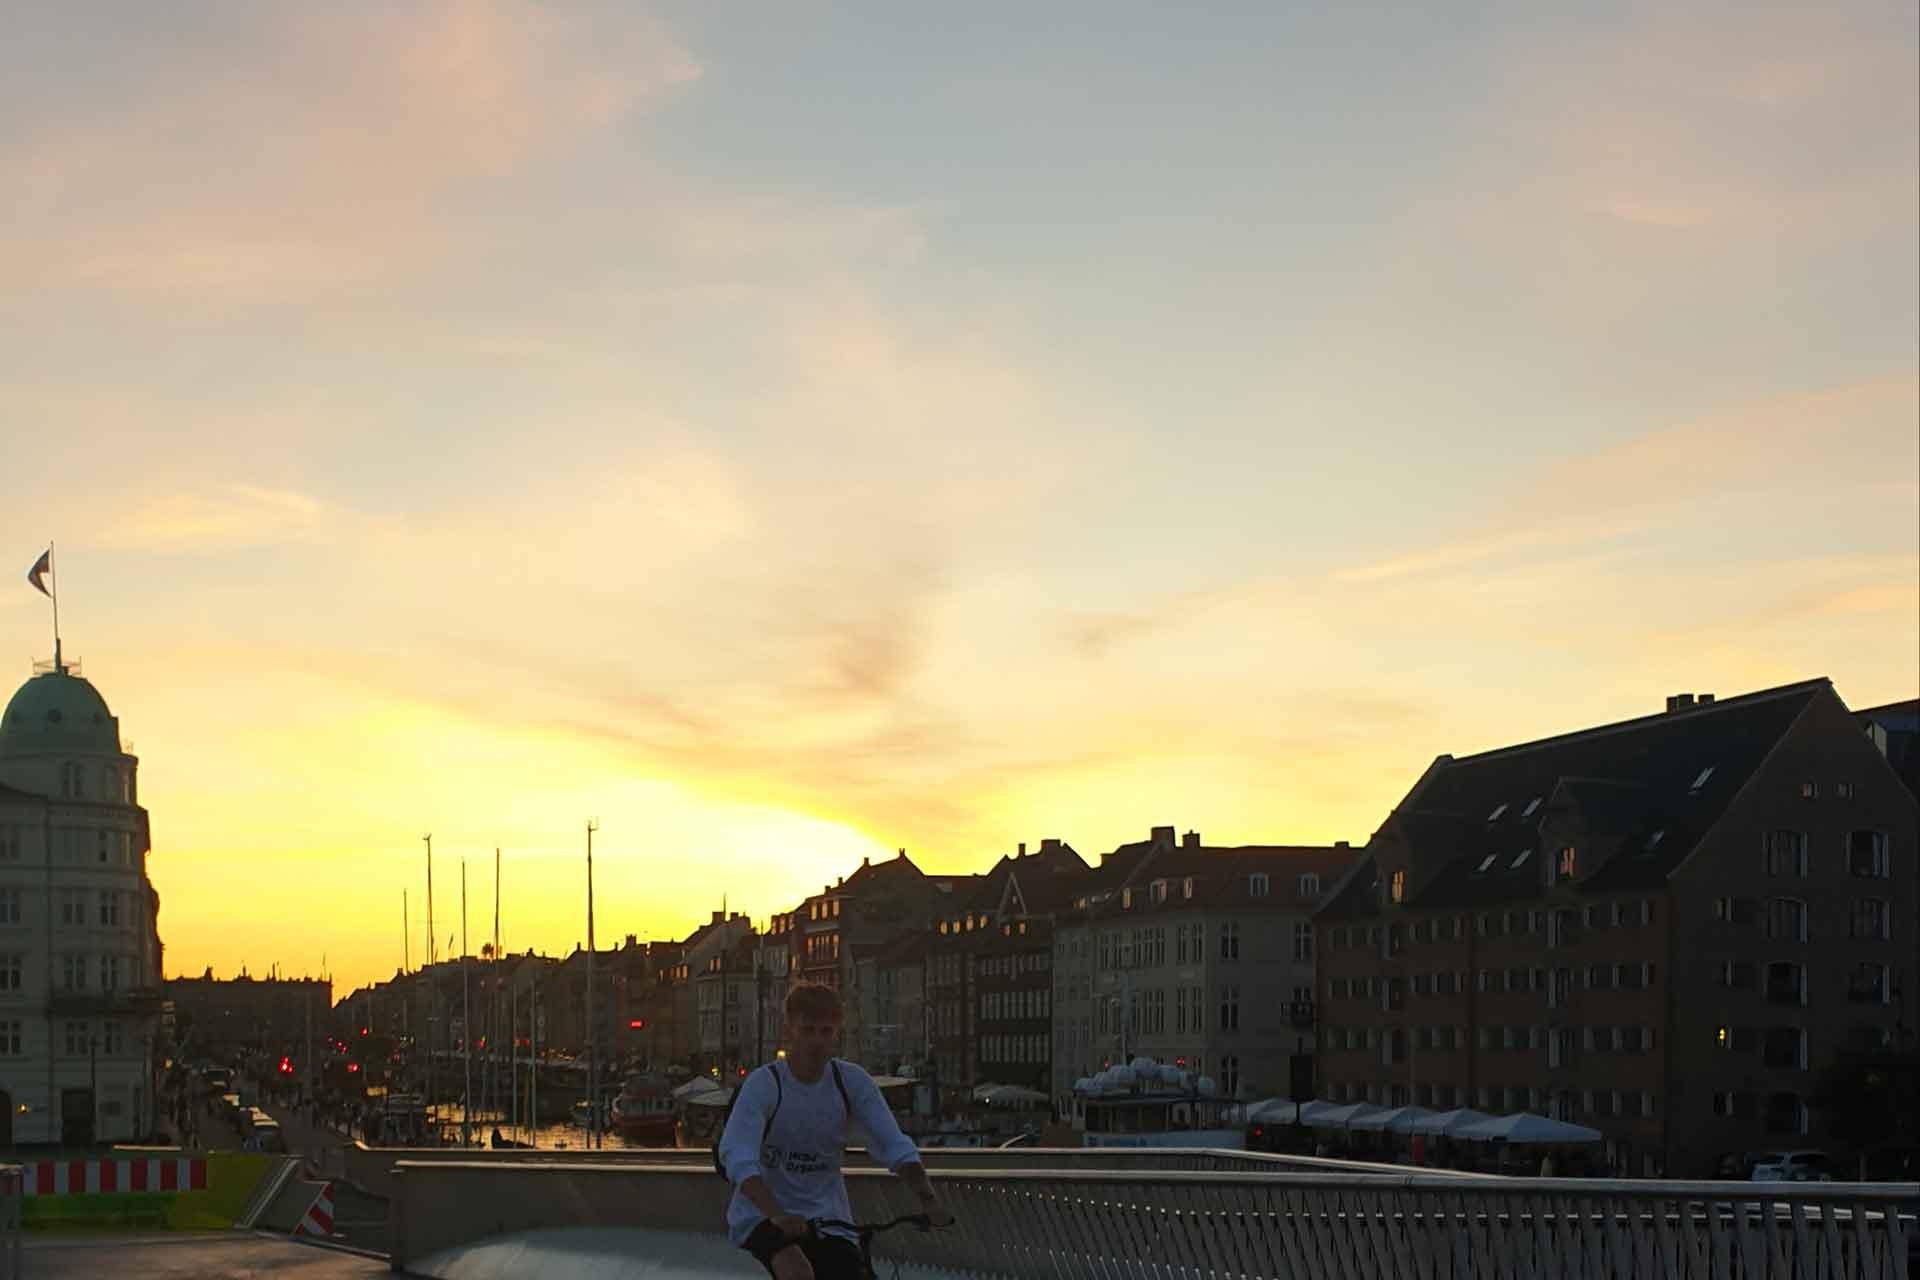 tramonto a copenaghen